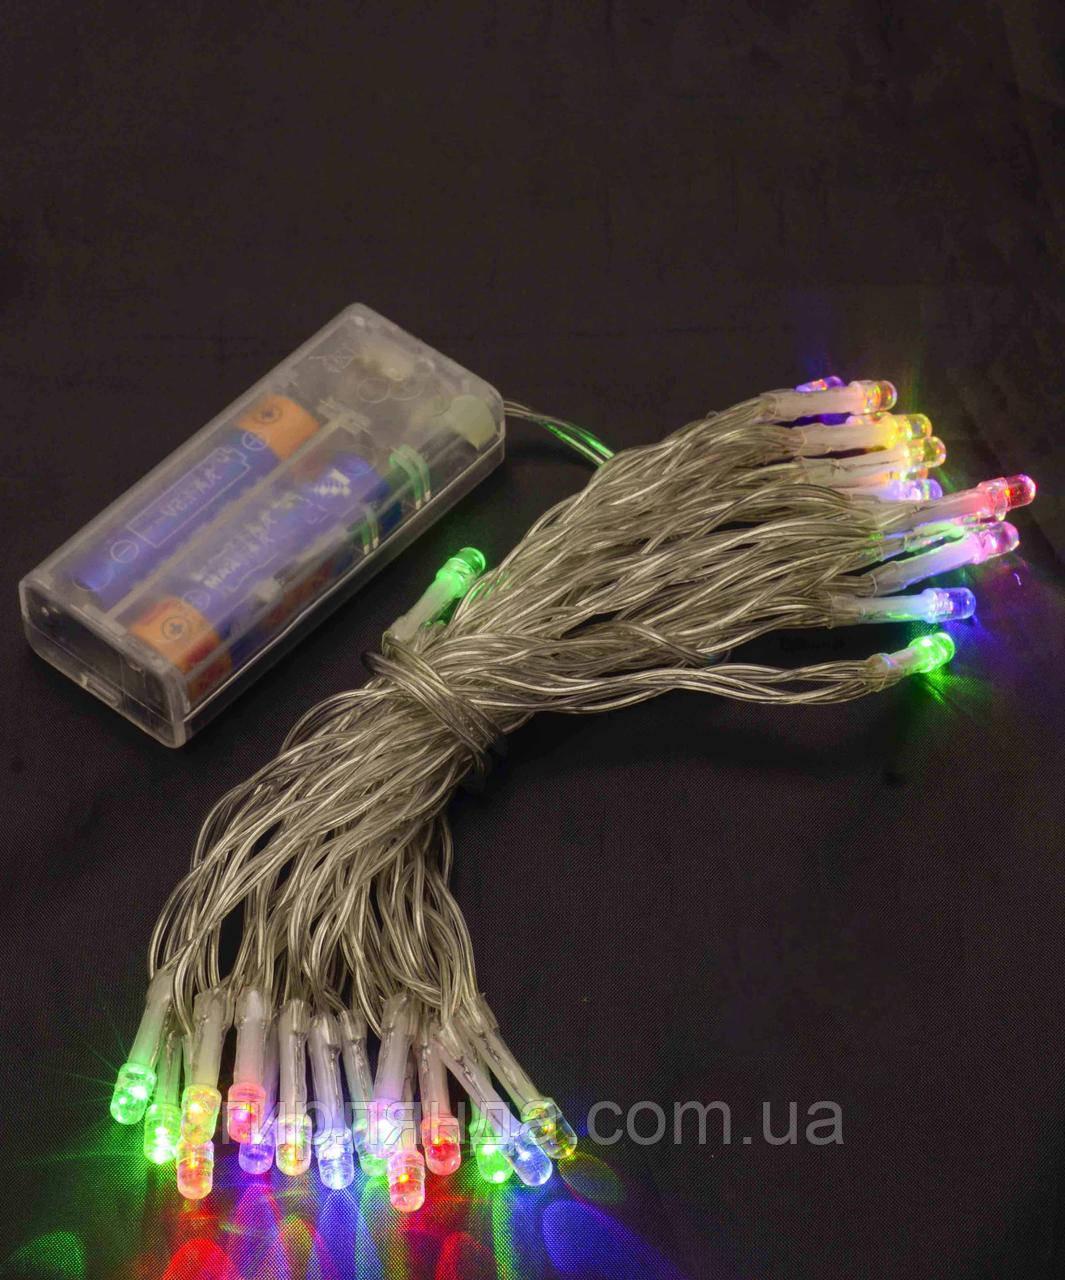 НА БАТАРЕЙКАХ 80 LED, 8м, мульті